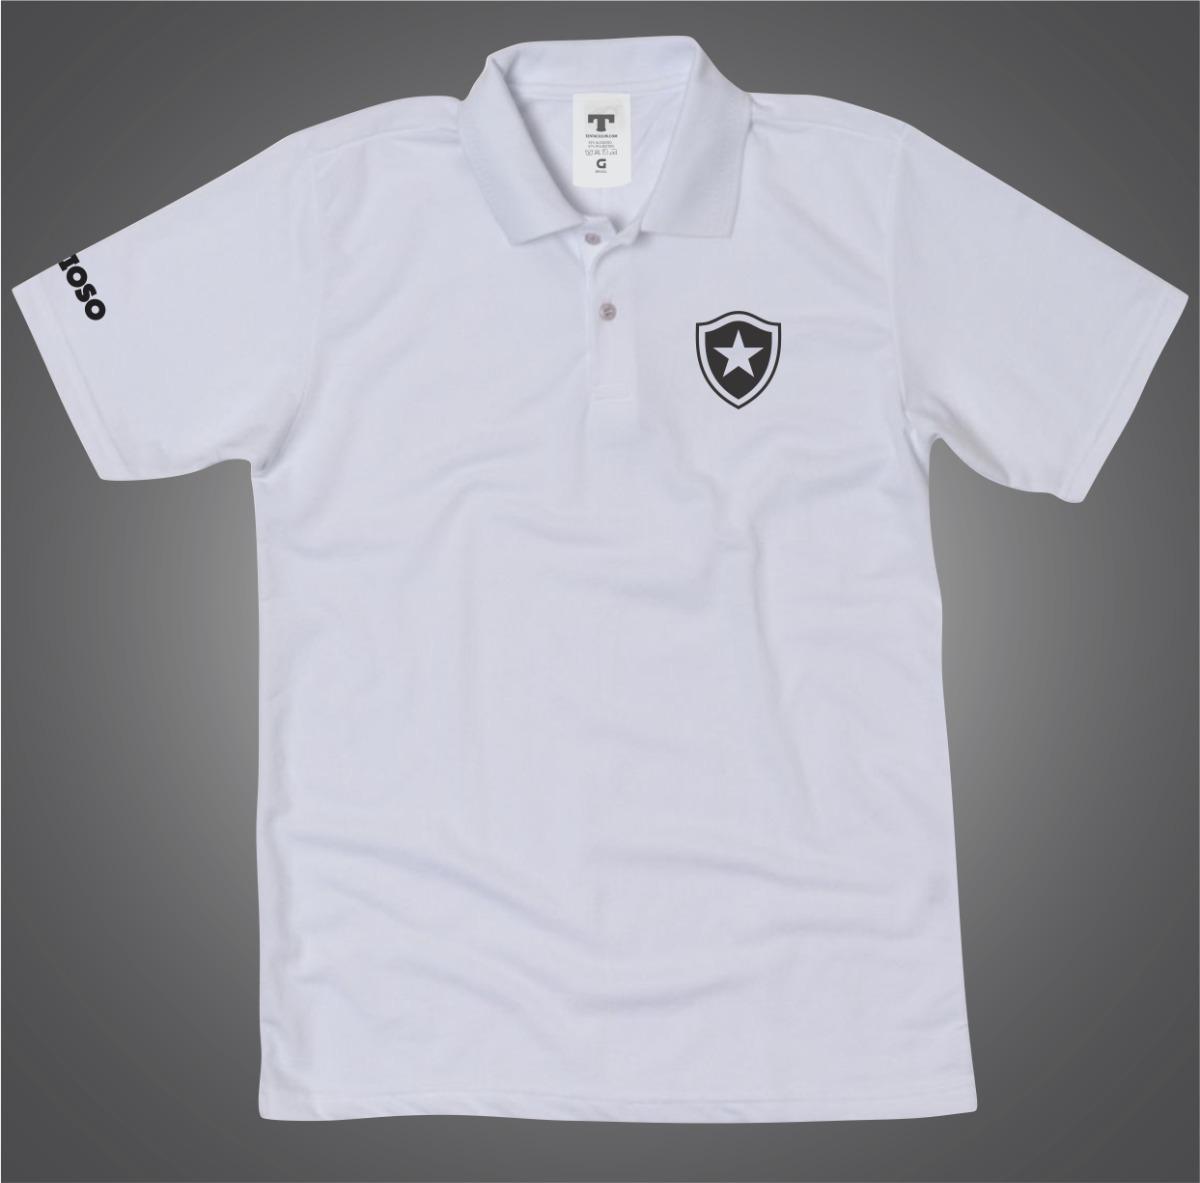 da8a05ab9ec71 ... camisa botafogo polo branca torcedor. Carregando zoom.